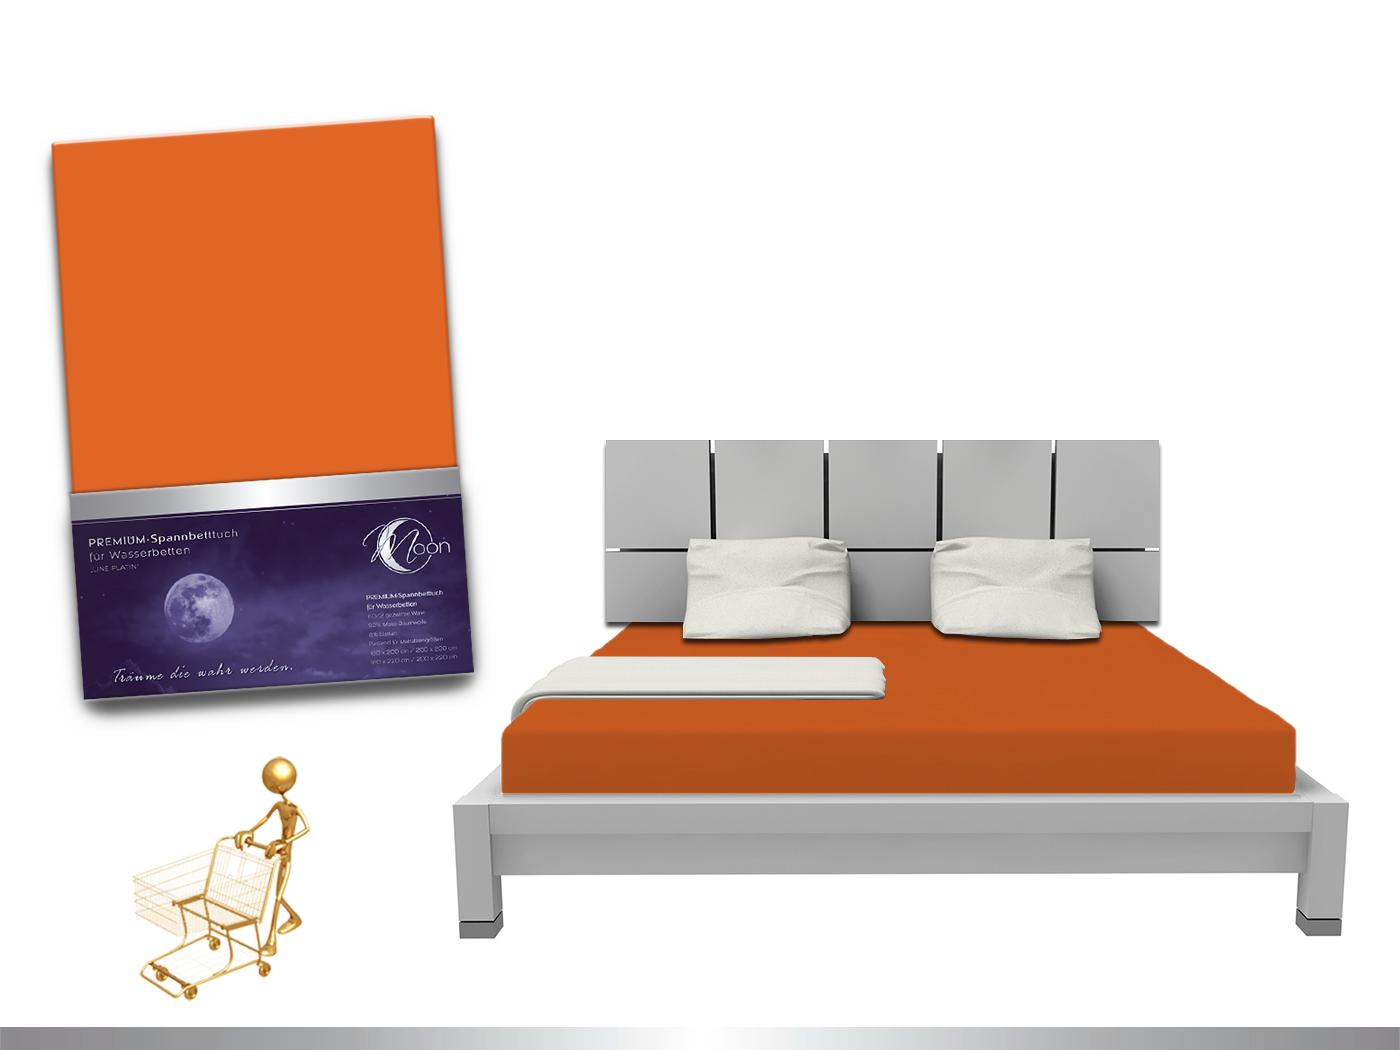 luxus wasserbett spannbettlaken line platin 180 200x220 240g m spannbetttuch ebay. Black Bedroom Furniture Sets. Home Design Ideas